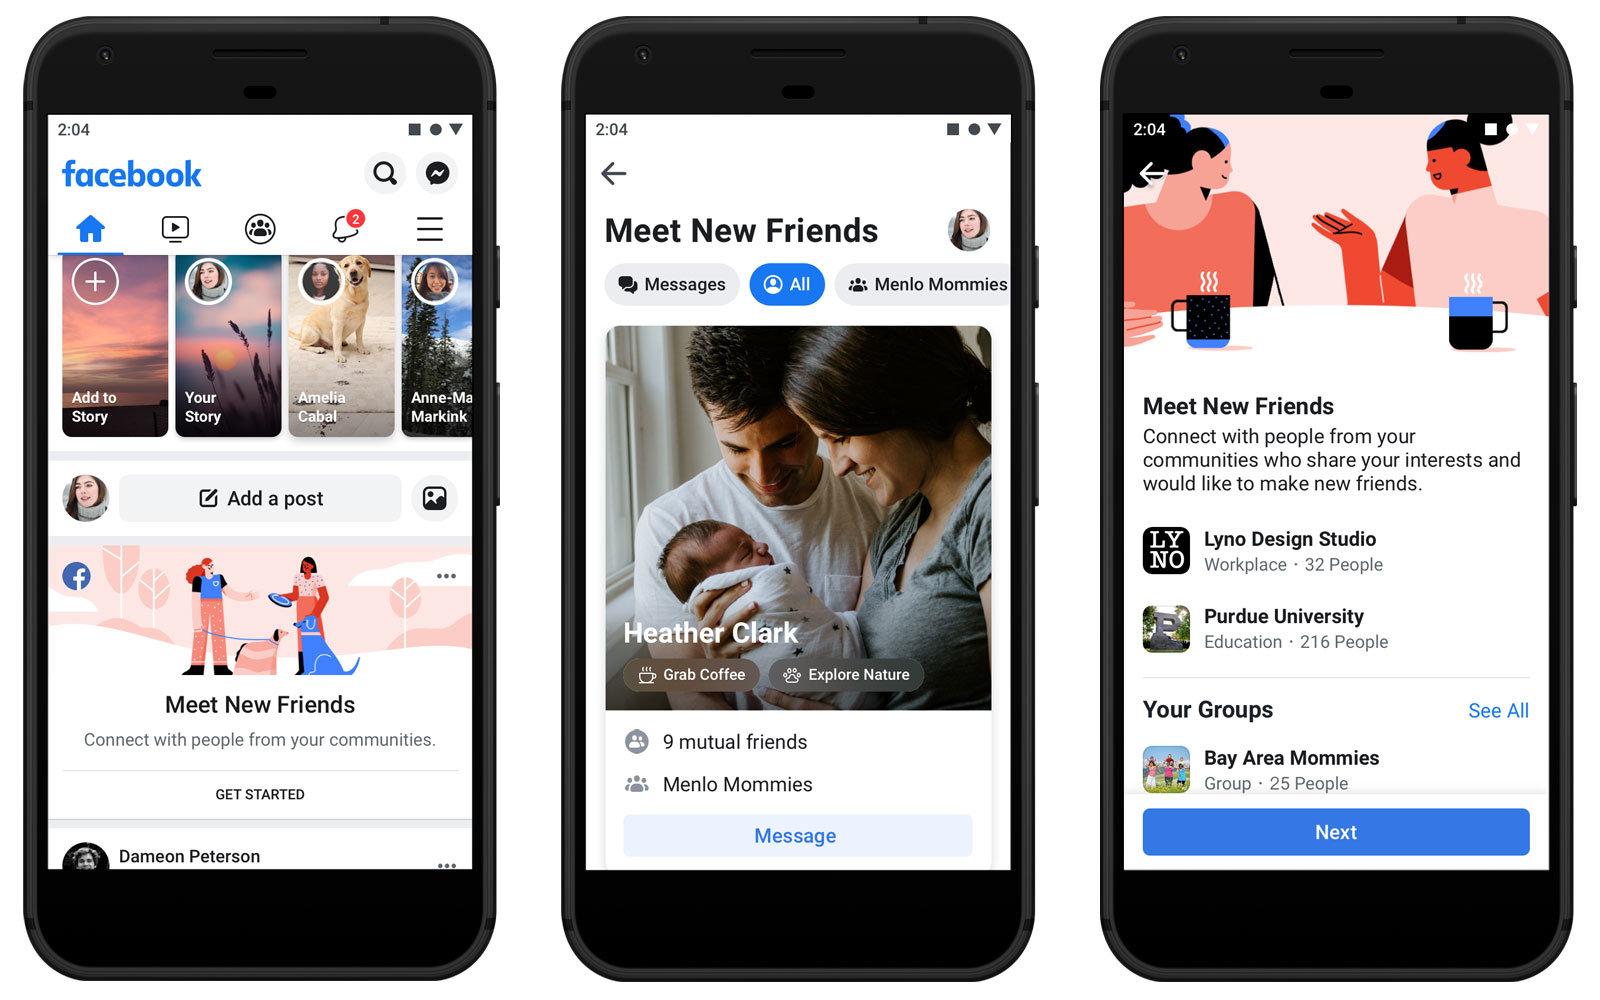 Facebook 重大改版背后,揭晓了2019年的4个关键设计趋势